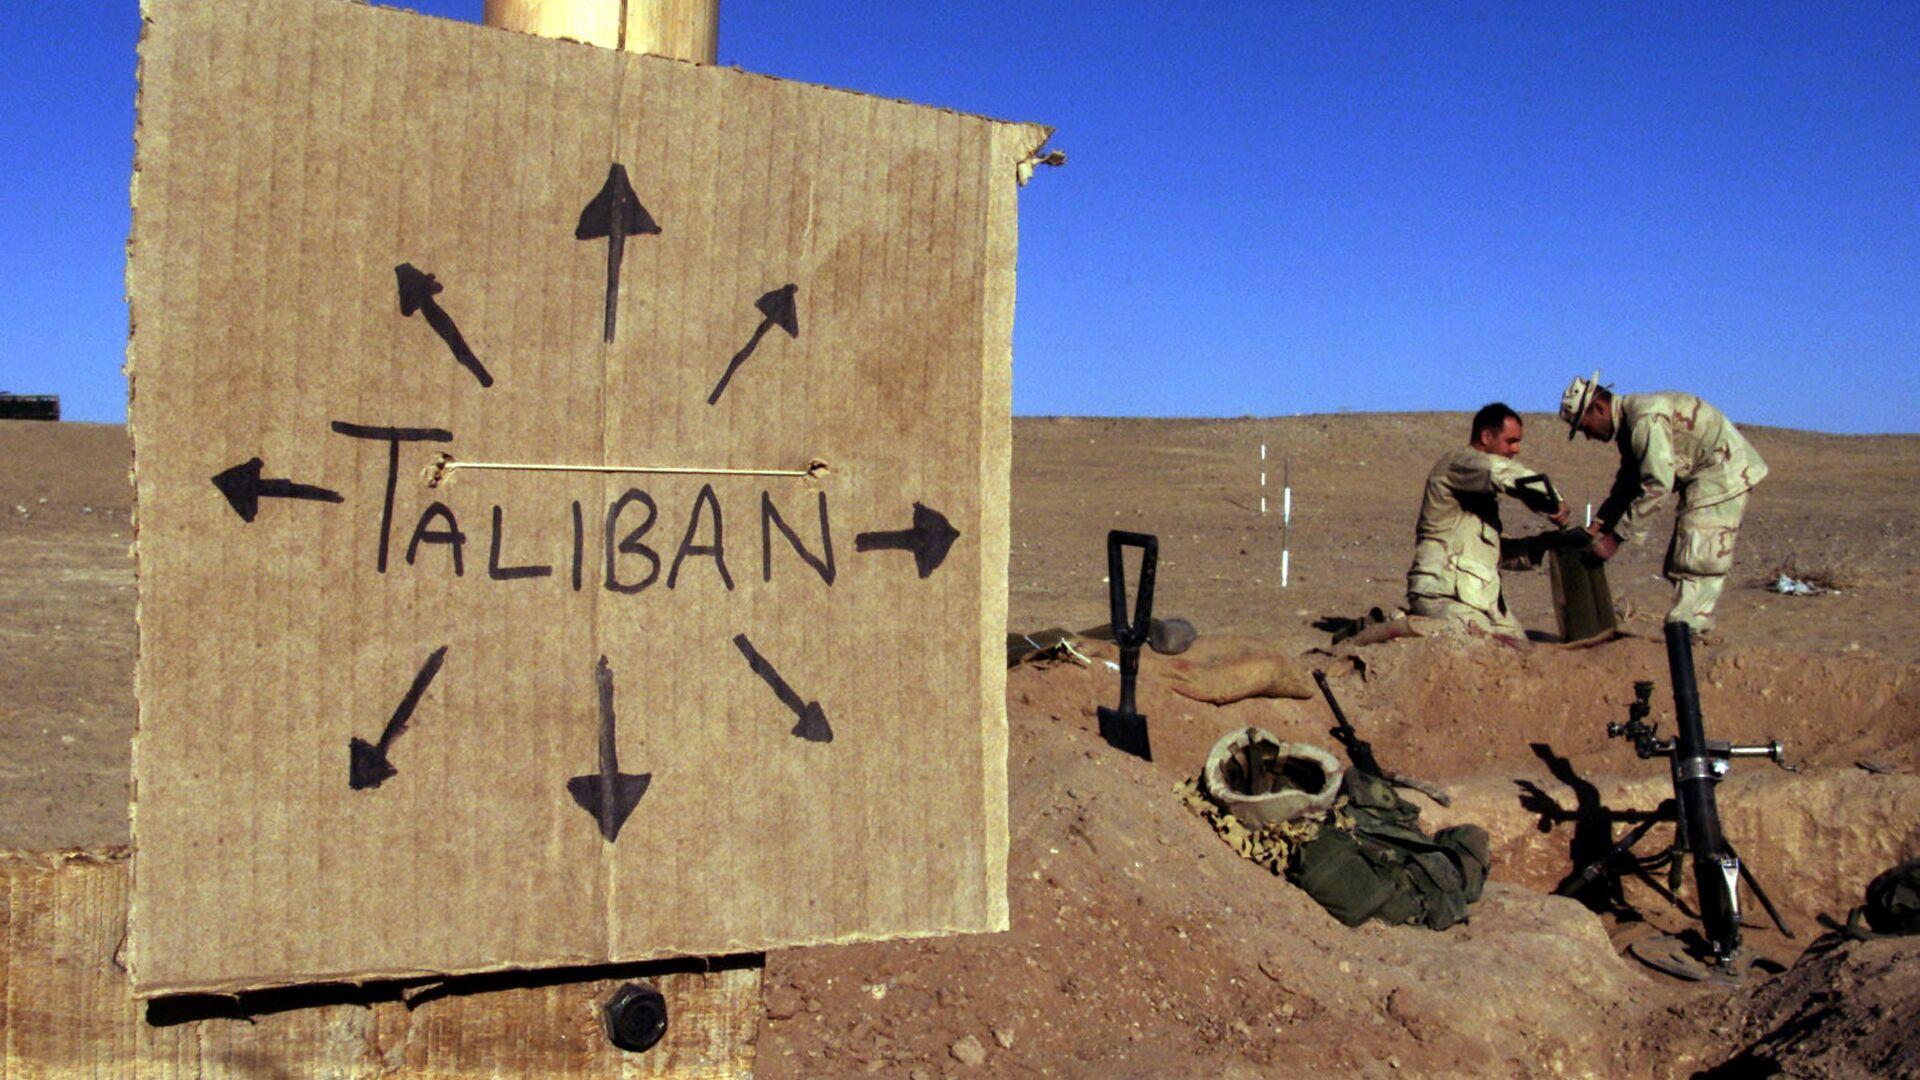 Una cartel Talibán en Afganistán (imagen referencial) - Sputnik Mundo, 1920, 06.08.2021